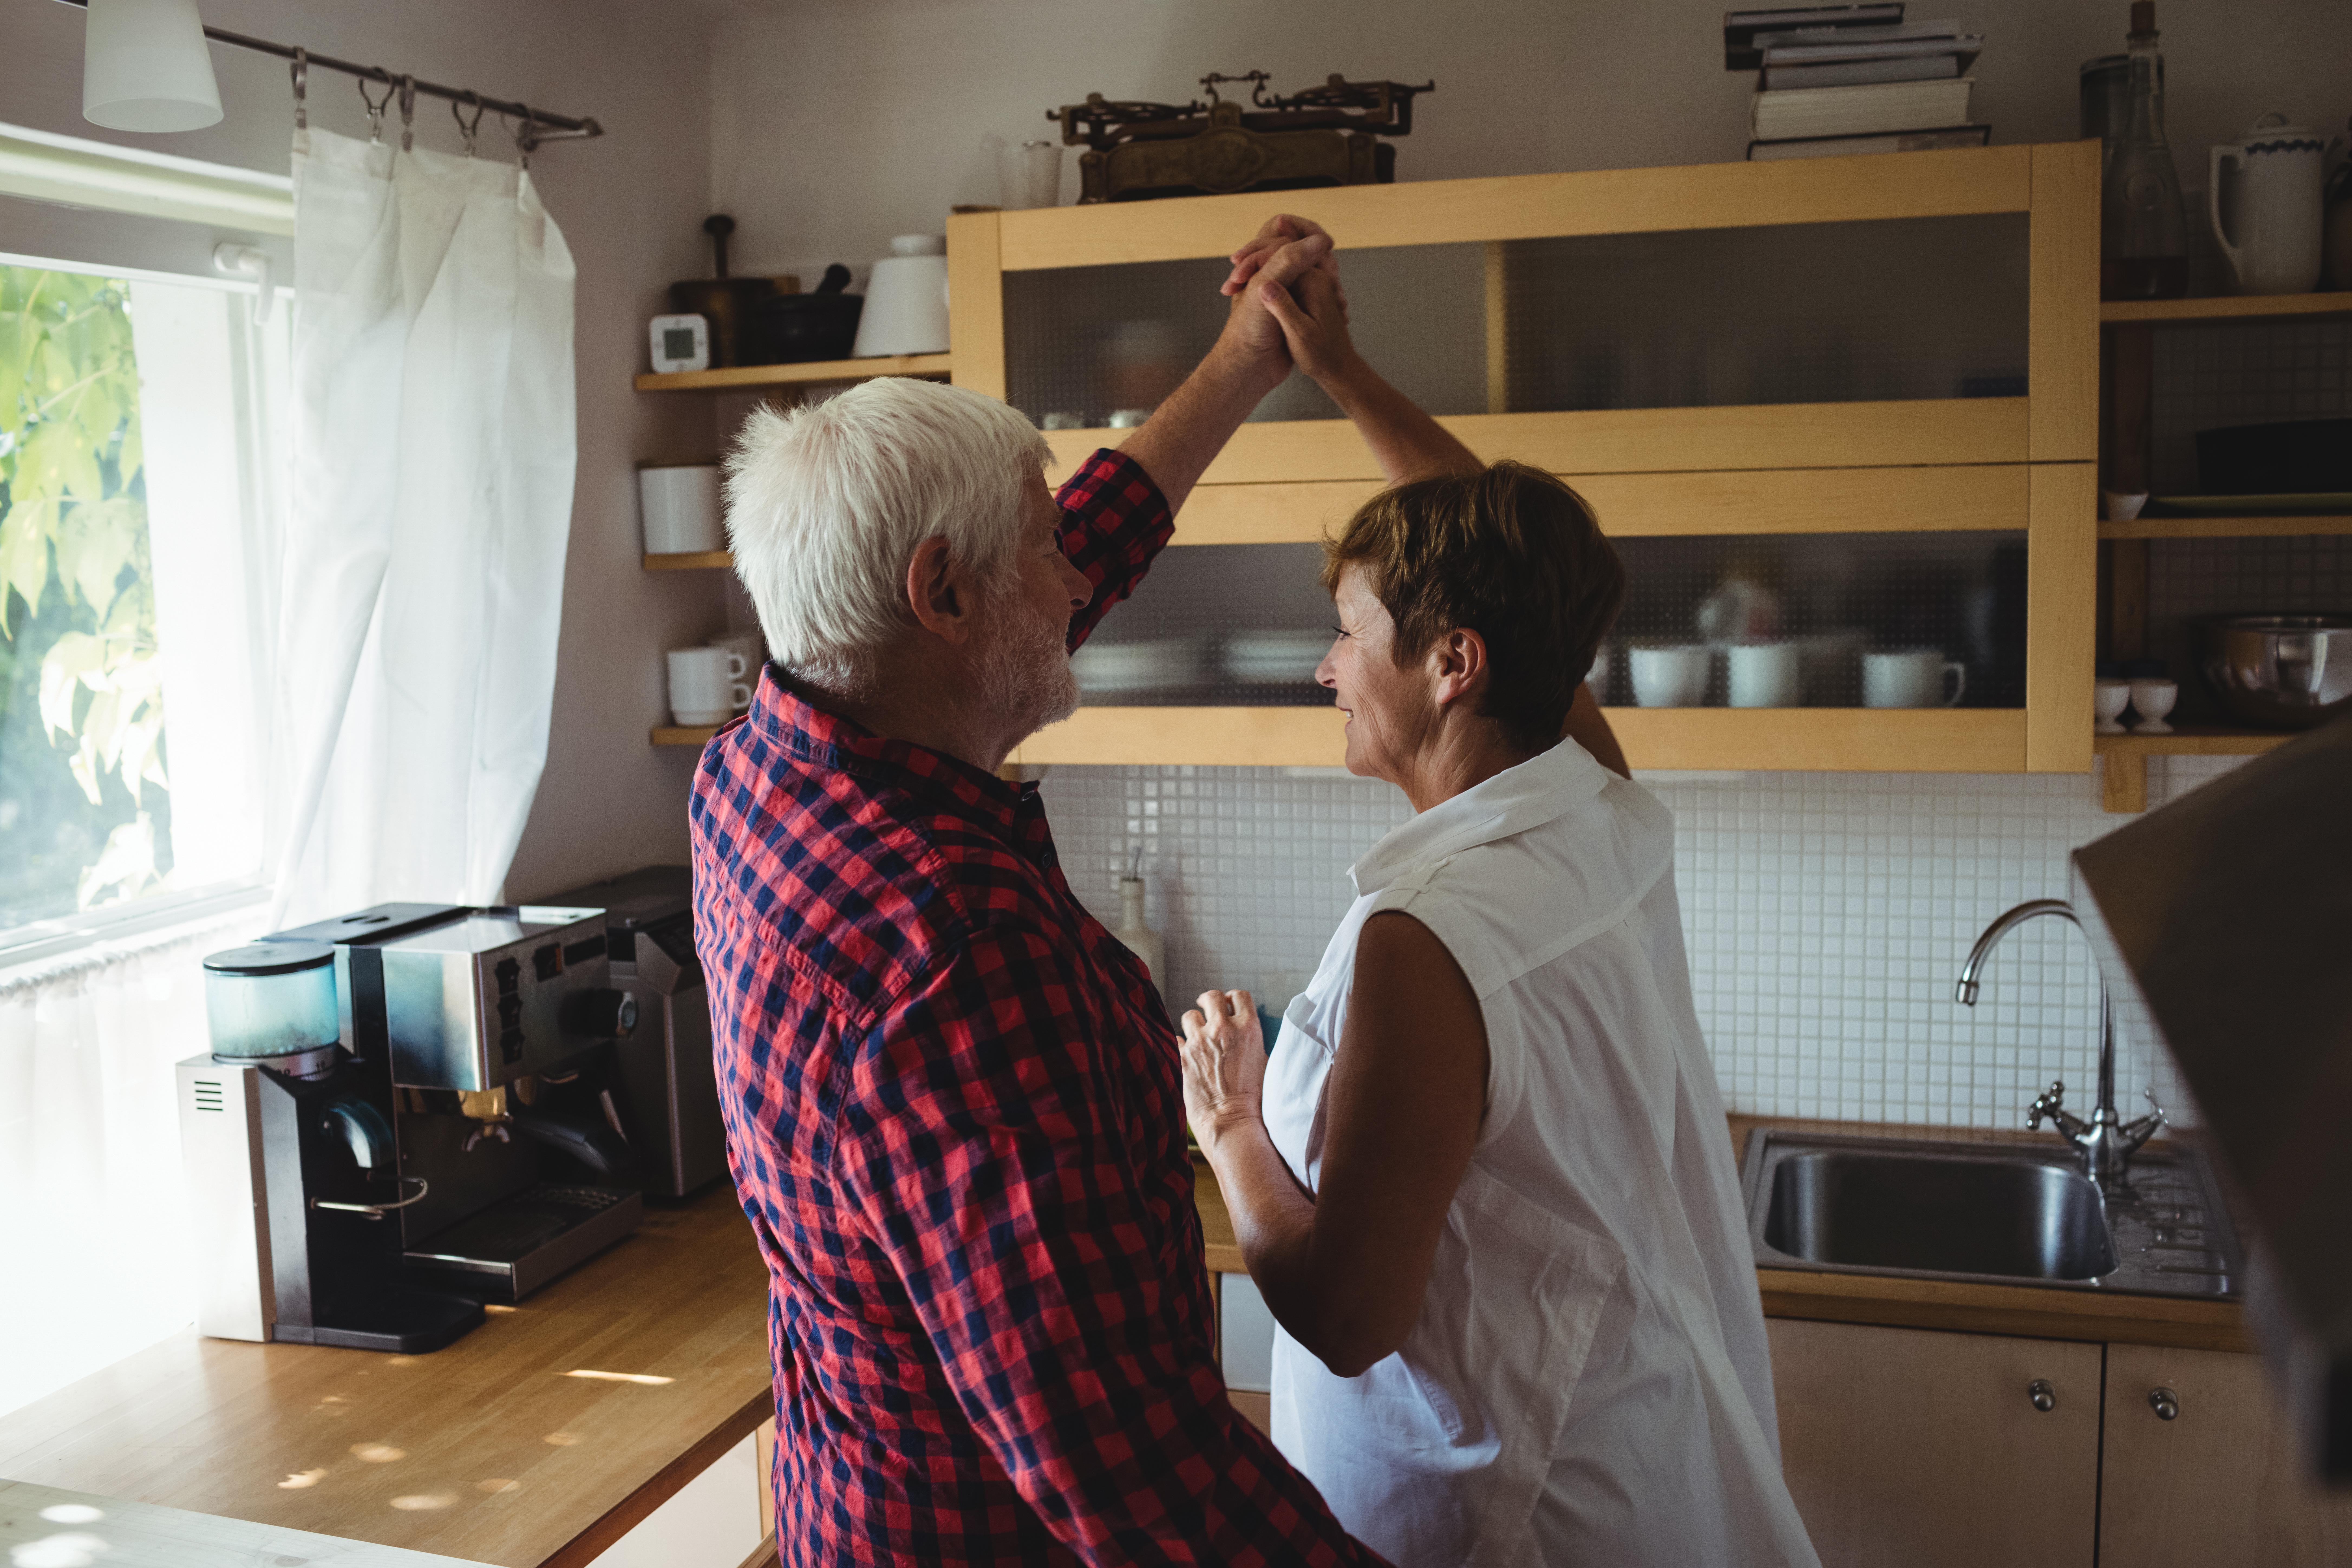 Pulsåderbråck i buken, även kallat bukaortaneurysm, förekommer hos en till två procent av alla 65-åriga män i Sverige.